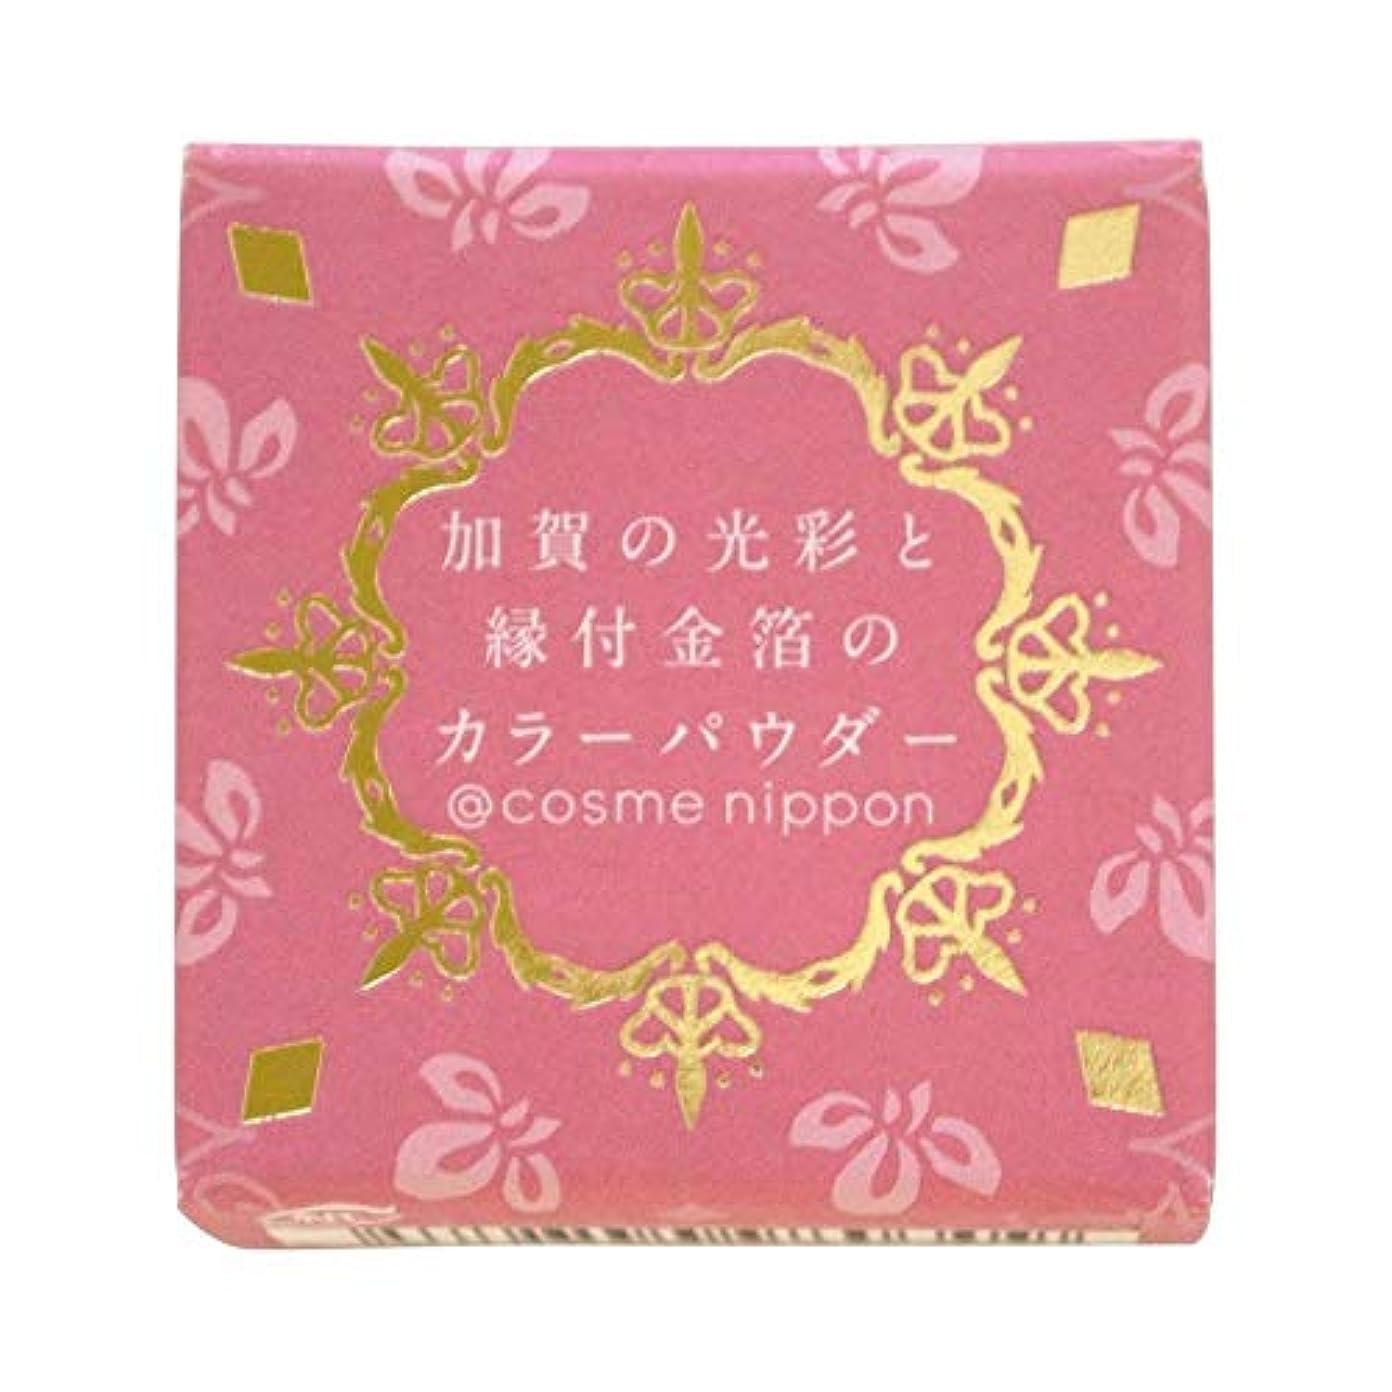 生活資産ホラー友禅工芸 すずらん加賀の光彩と縁付け金箔のカラーパウダー06古代紫こだいむらさき